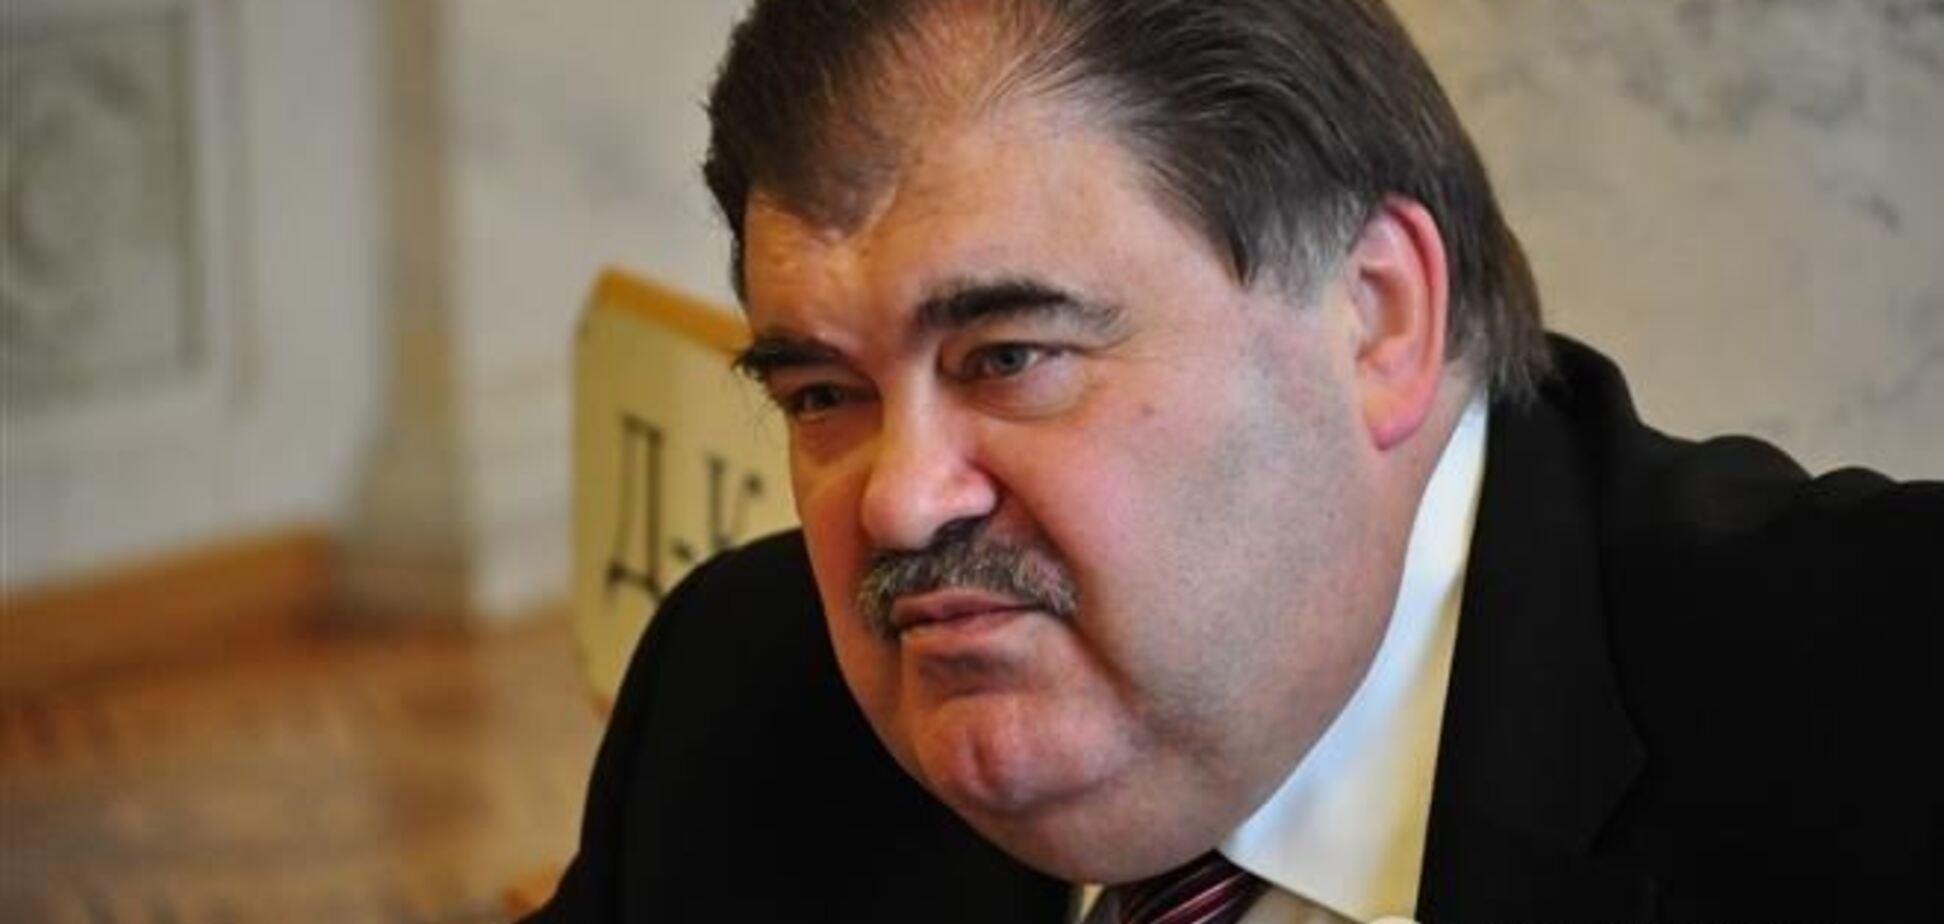 Глава КГГА Бондаренко передал в прокуратуру 5 дел о земельных аферах Попова